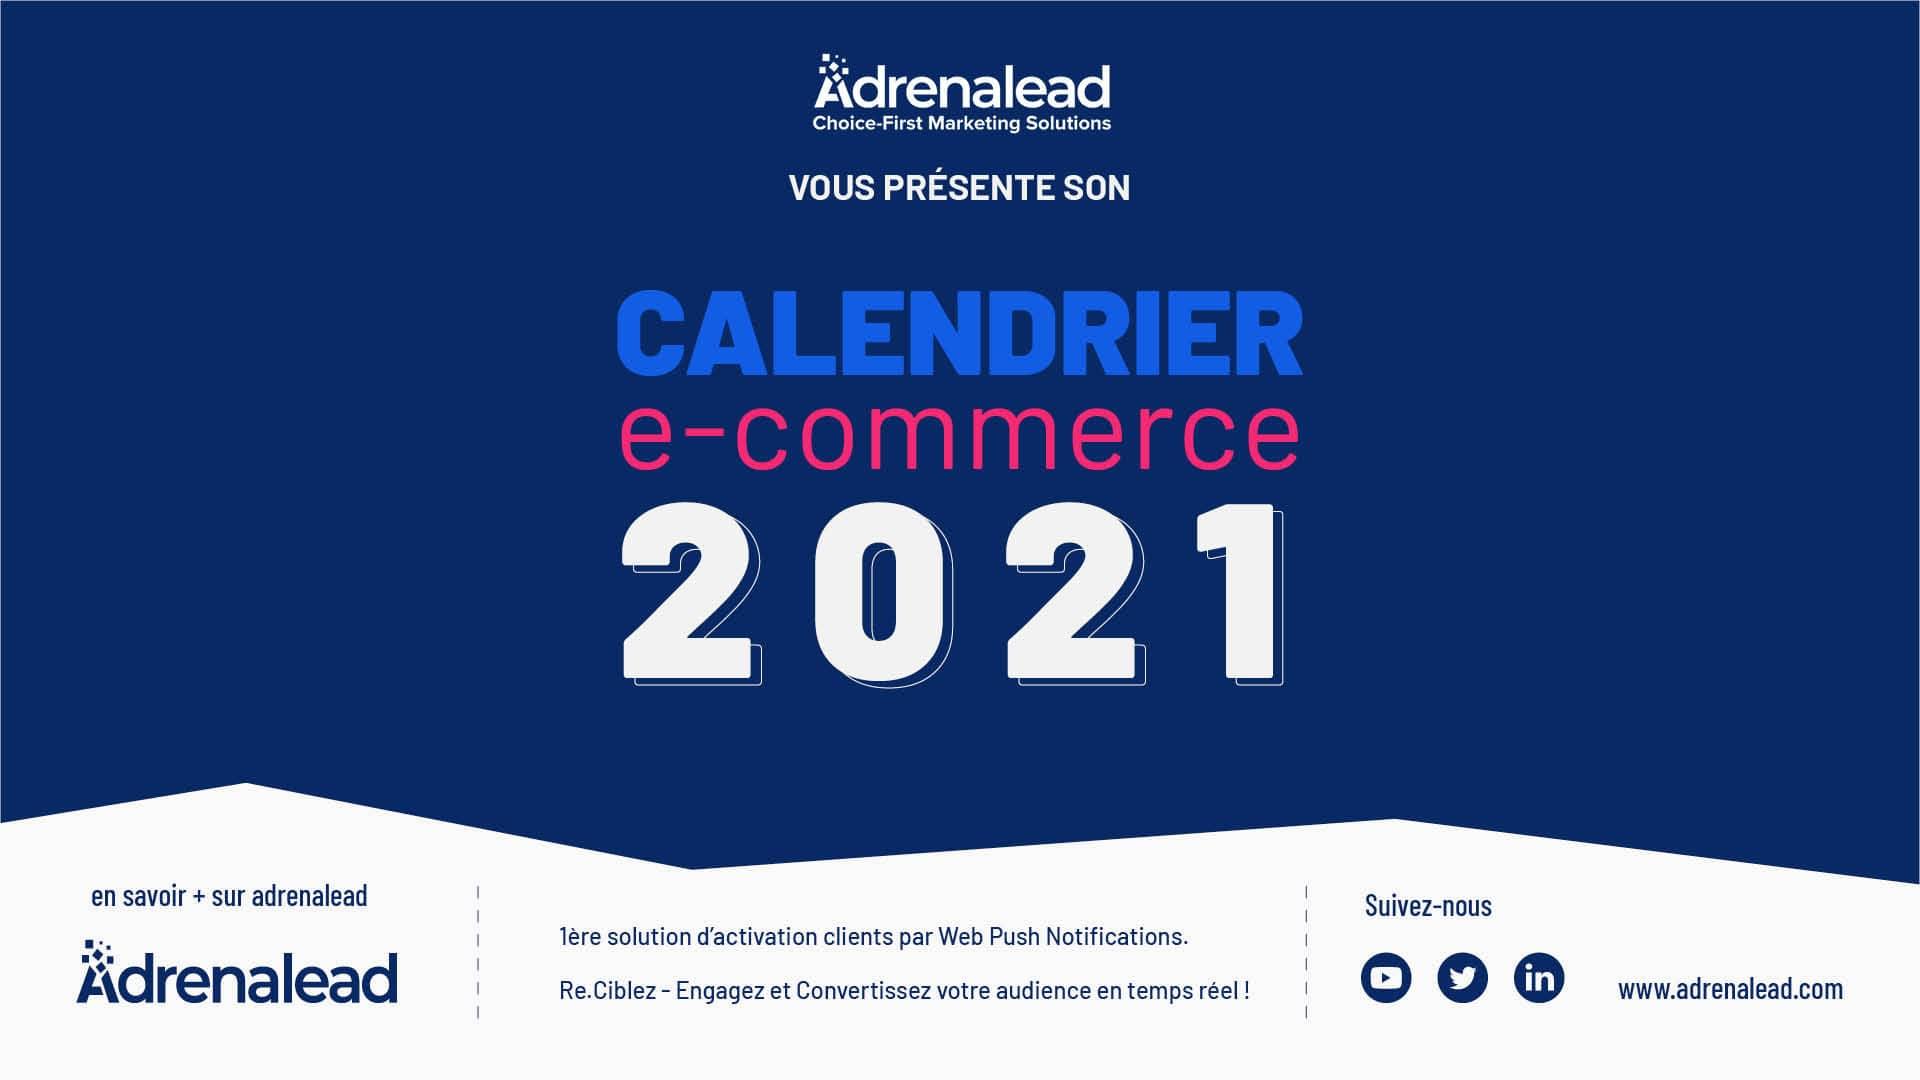 calendrier e-commerce adrenalead 2021